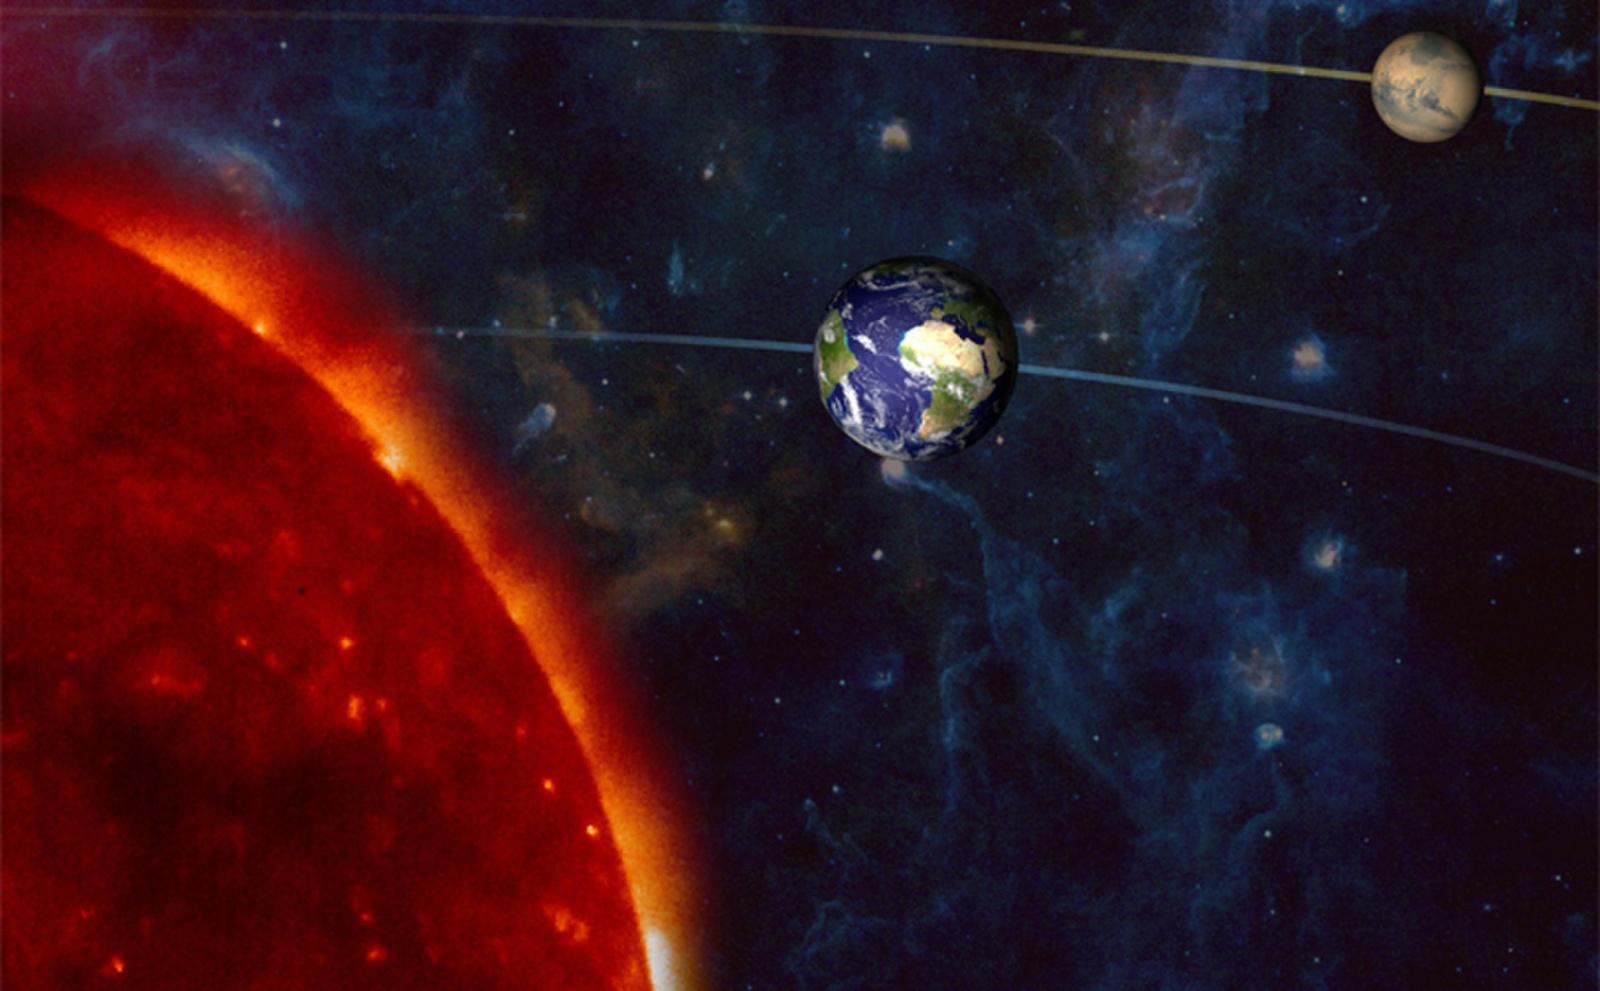 Великое противостояние Марса в 2018: как наблюдать и чего ждать - 1